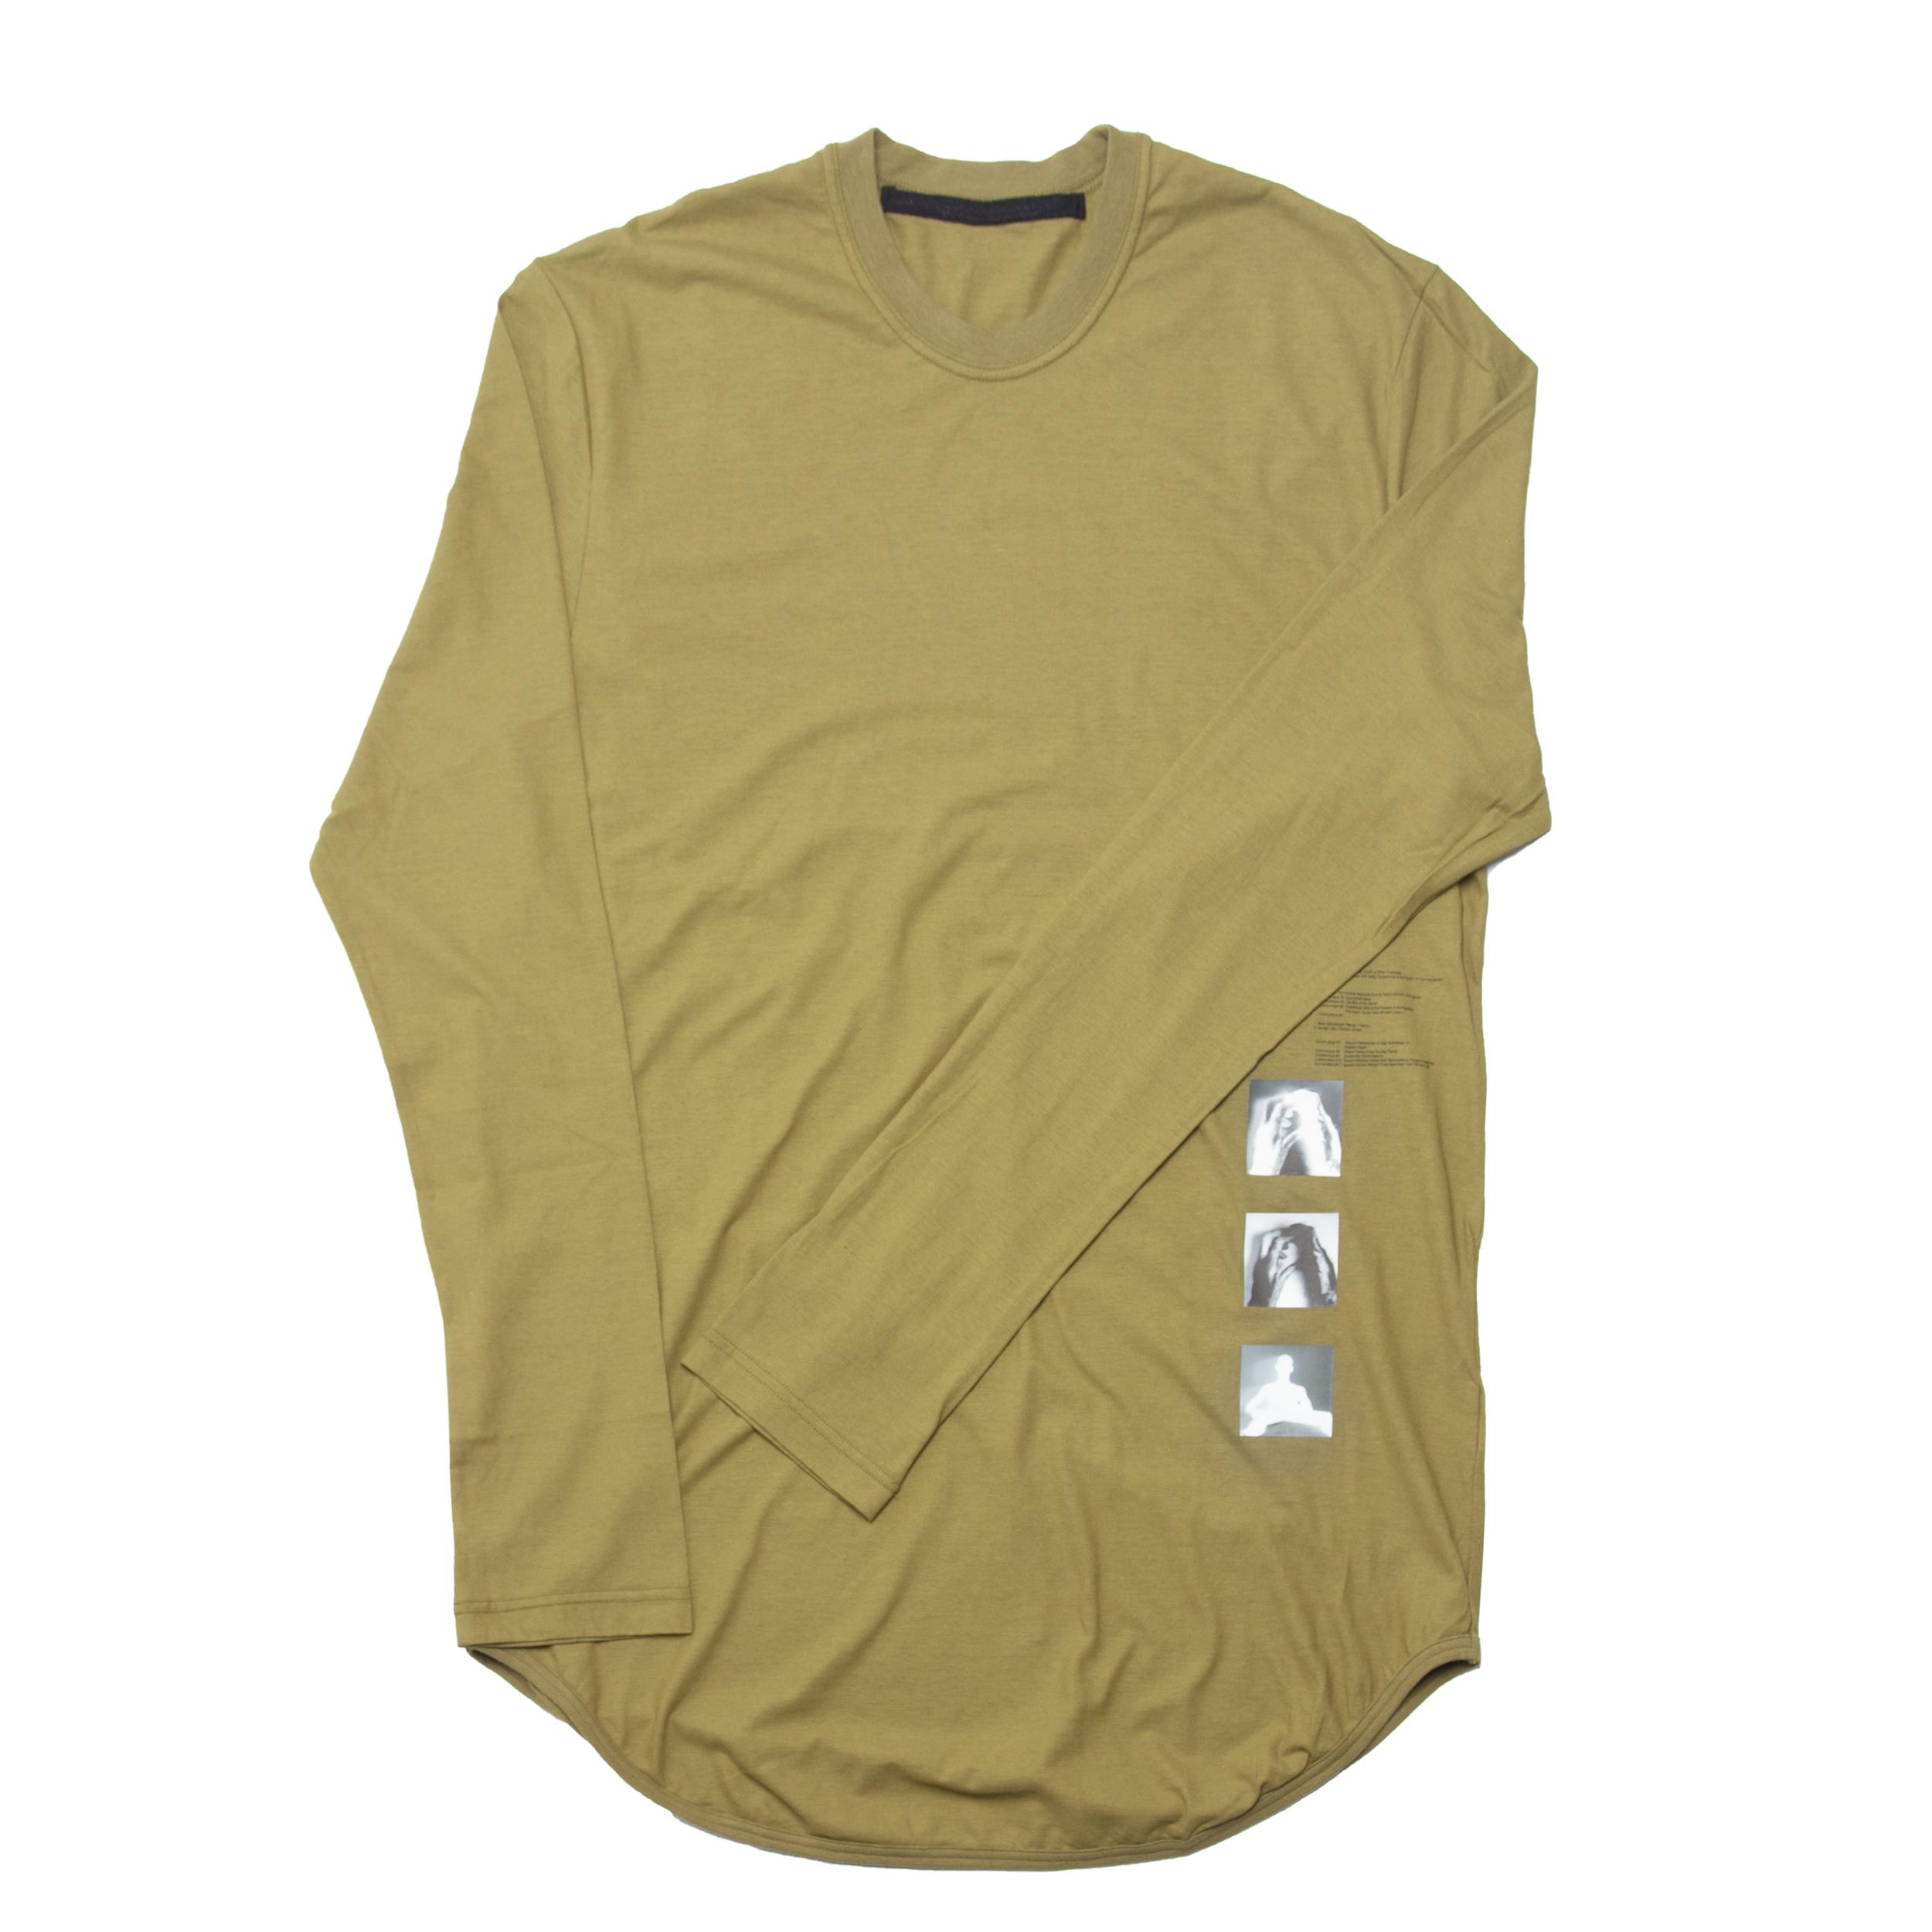 677CPM10-KHAKI / T. A. Z. ロングスリーブラウンド Tシャツ